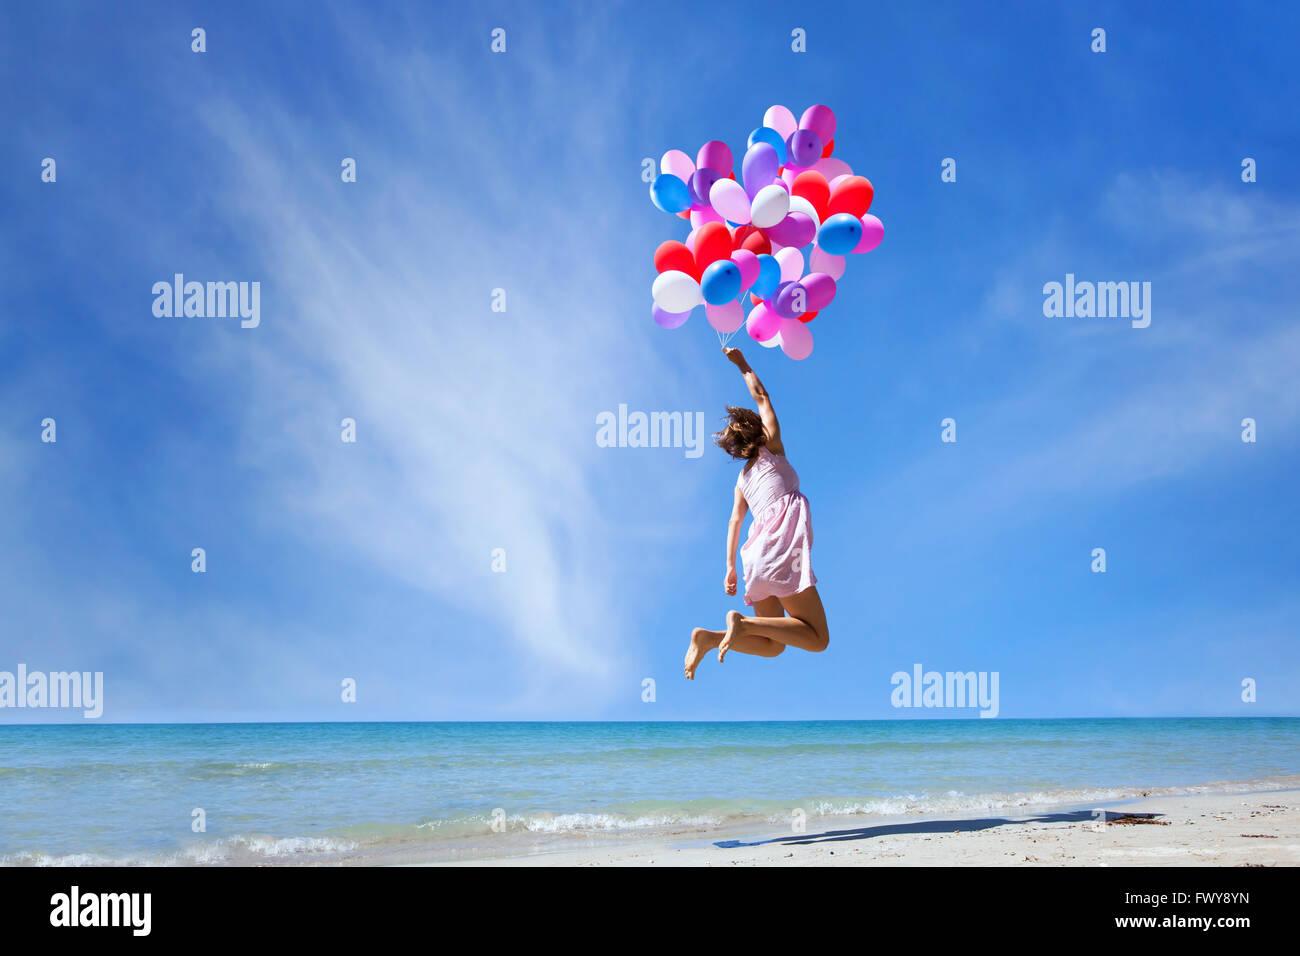 Traum Konzept, Mädchen fliegen auf bunte Luftballons in den blauen Himmel, Phantasie und Kreativität Stockbild